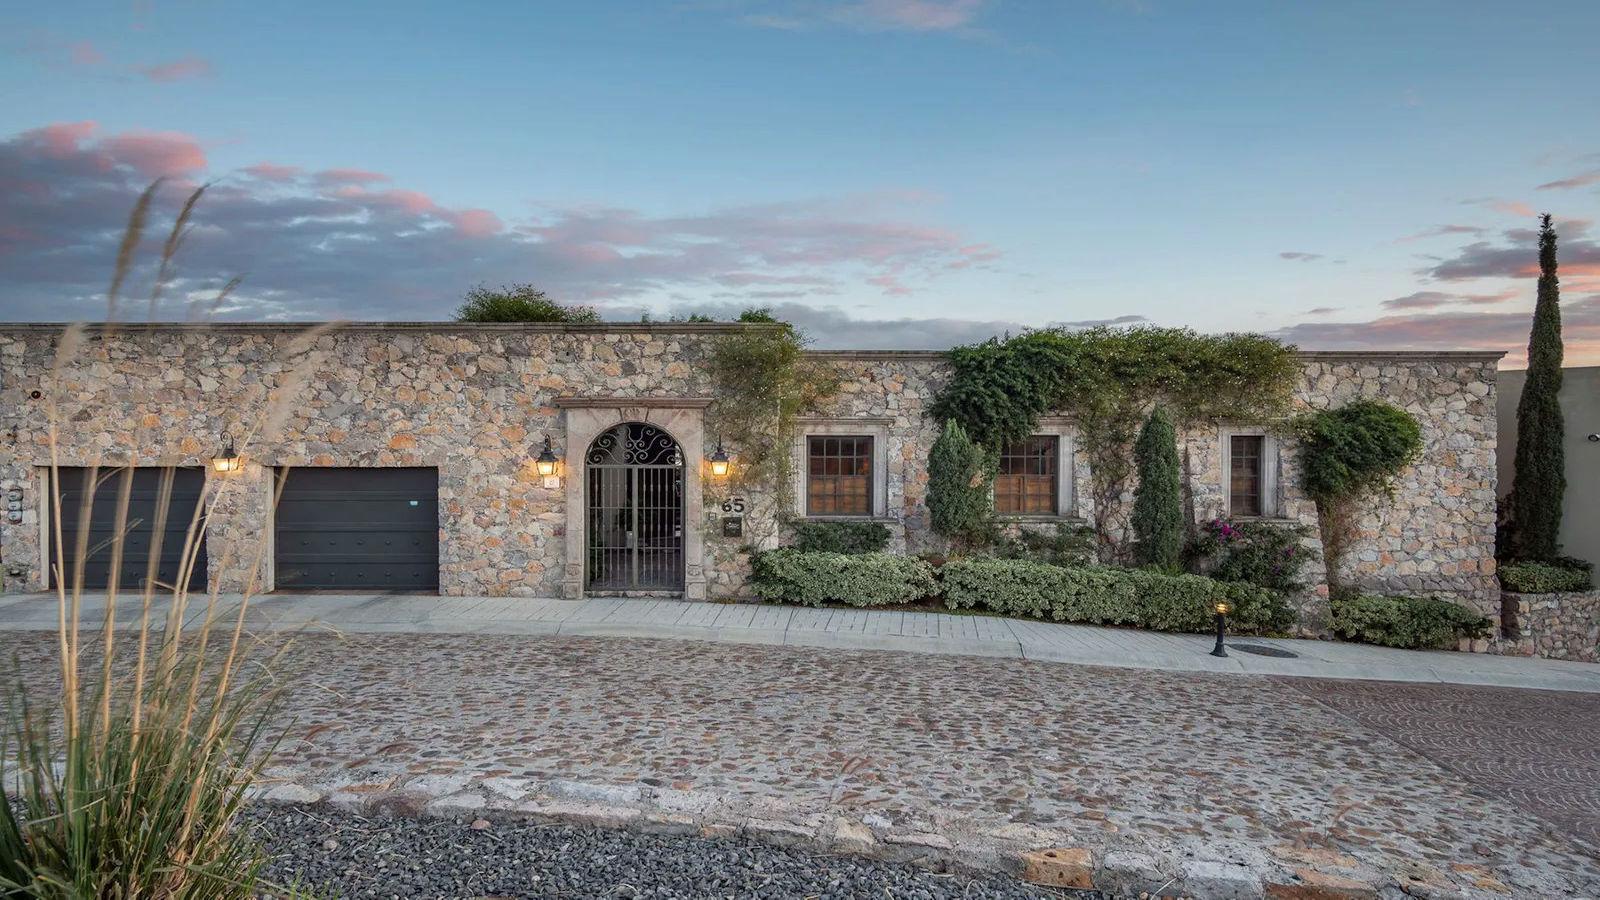 Crystal Calderoni Casa Por Fin - San Miguel de Allende (1)